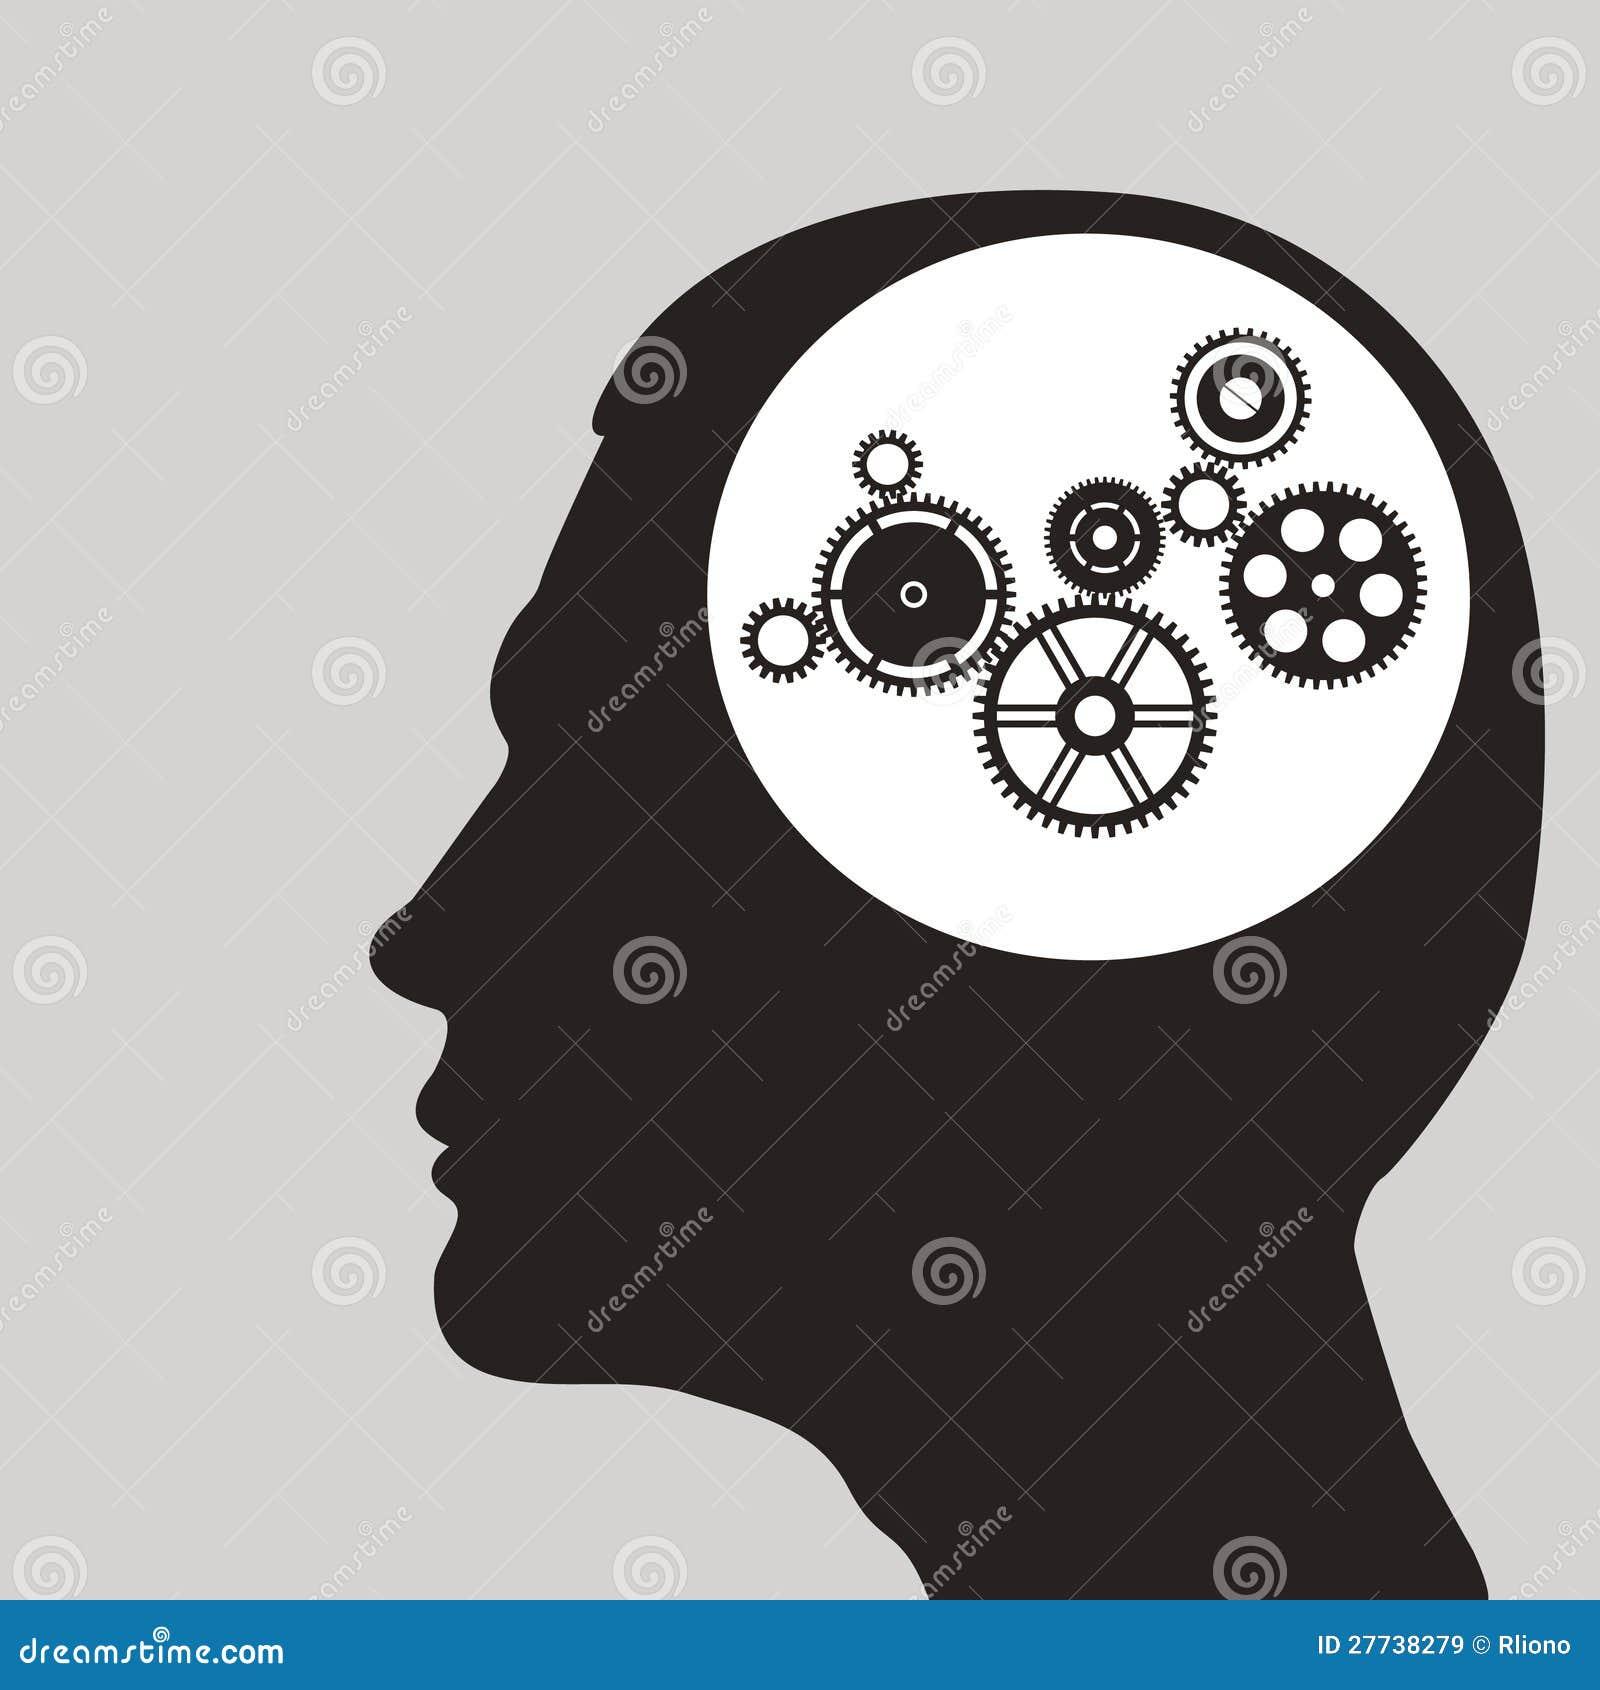 Βαραίνω ή εργαλεία στο ανθρώπινο κεφάλι.